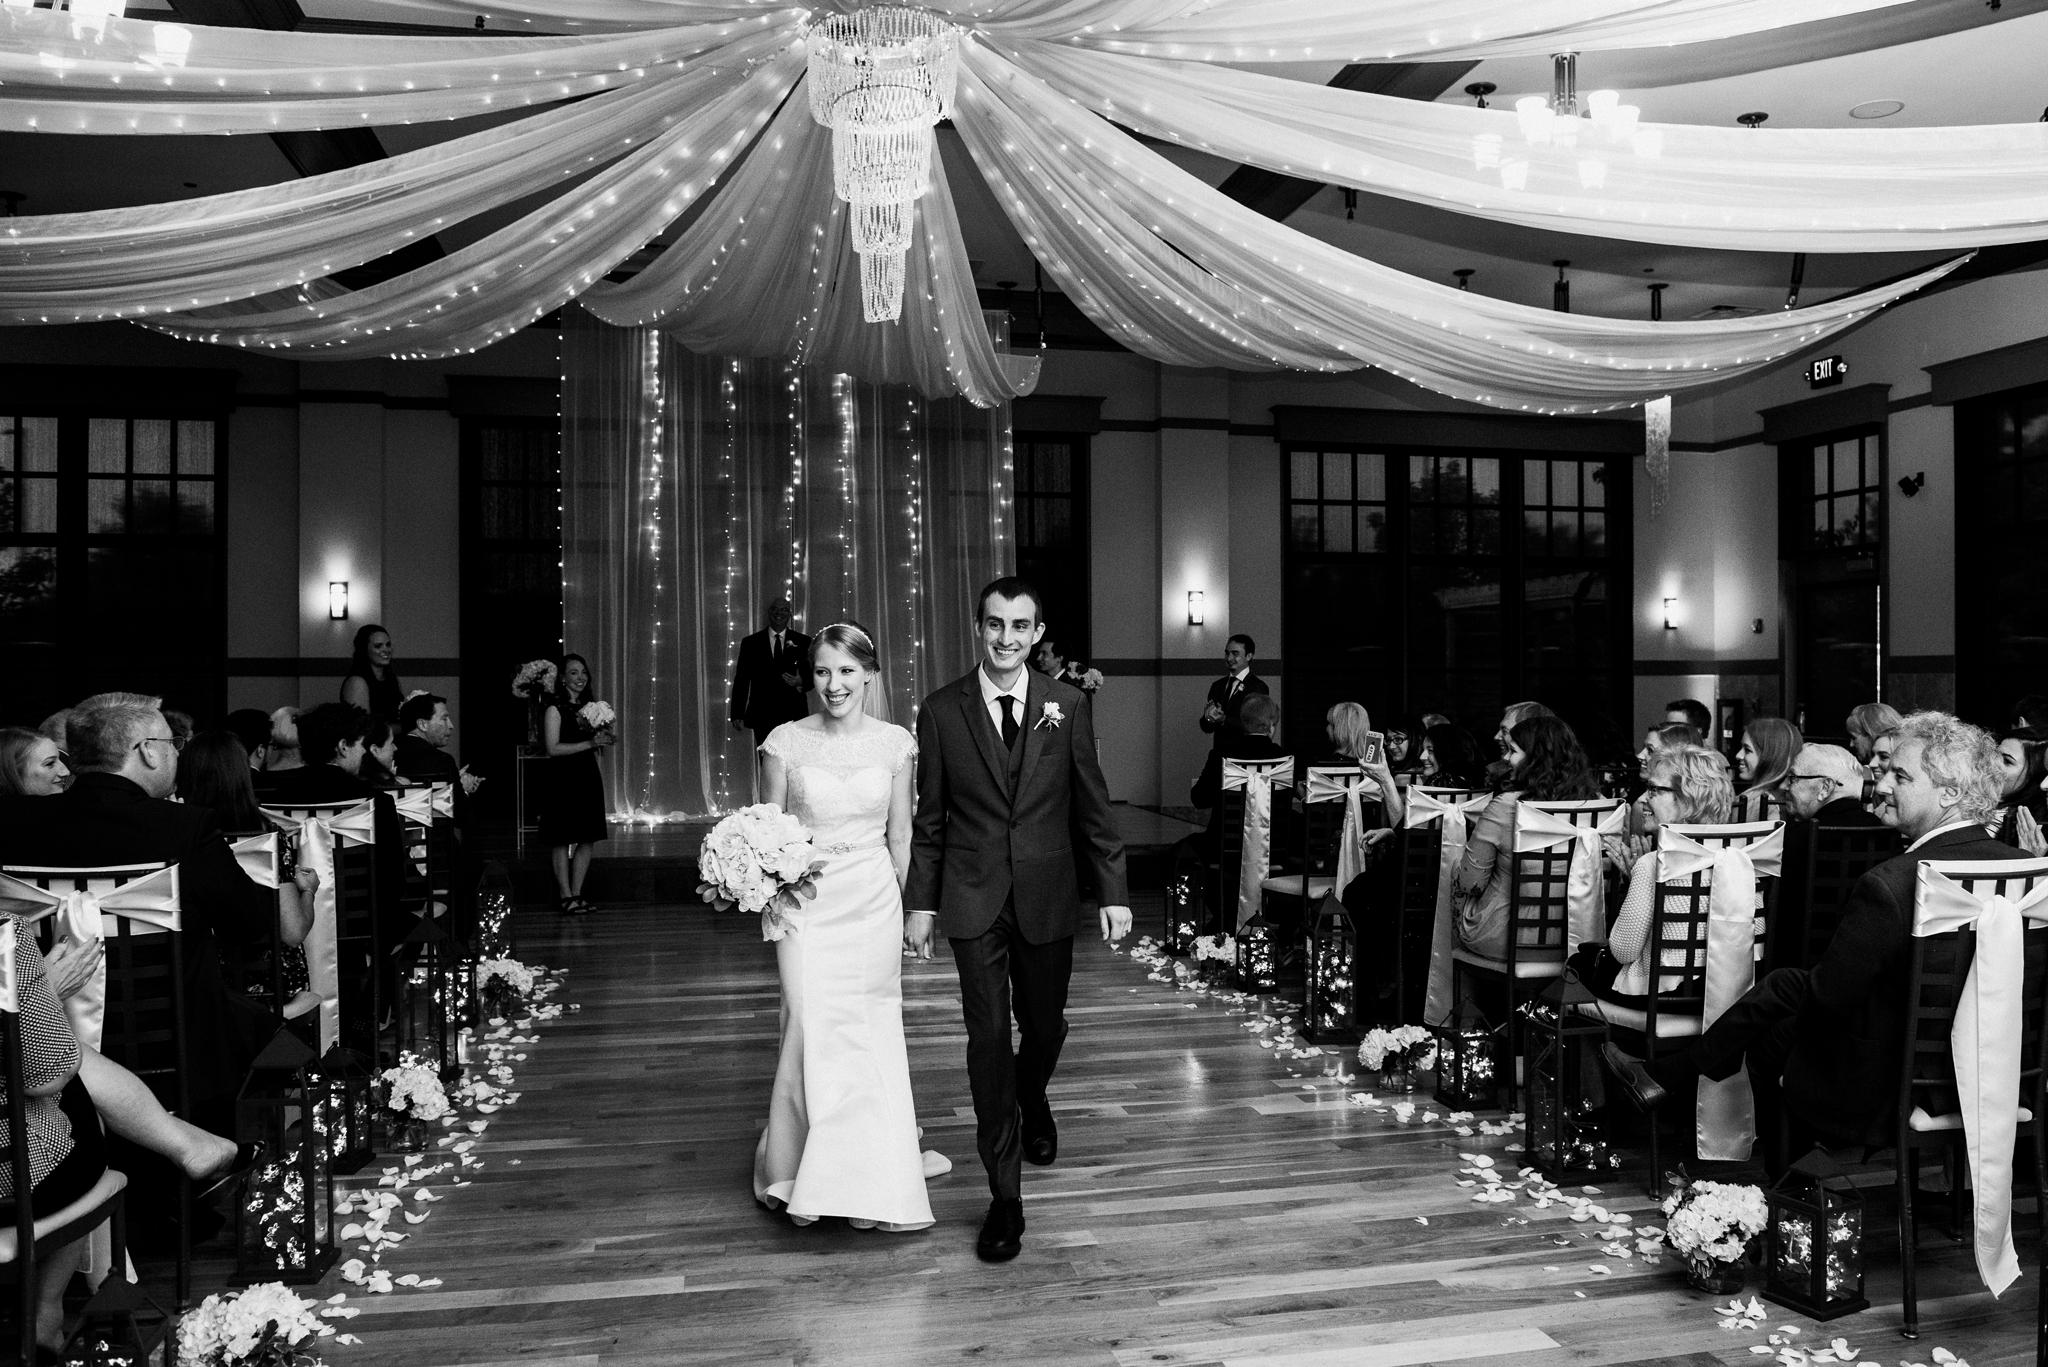 noahs_event_venue_naperville_IL_wedding_photographer_0054.jpg